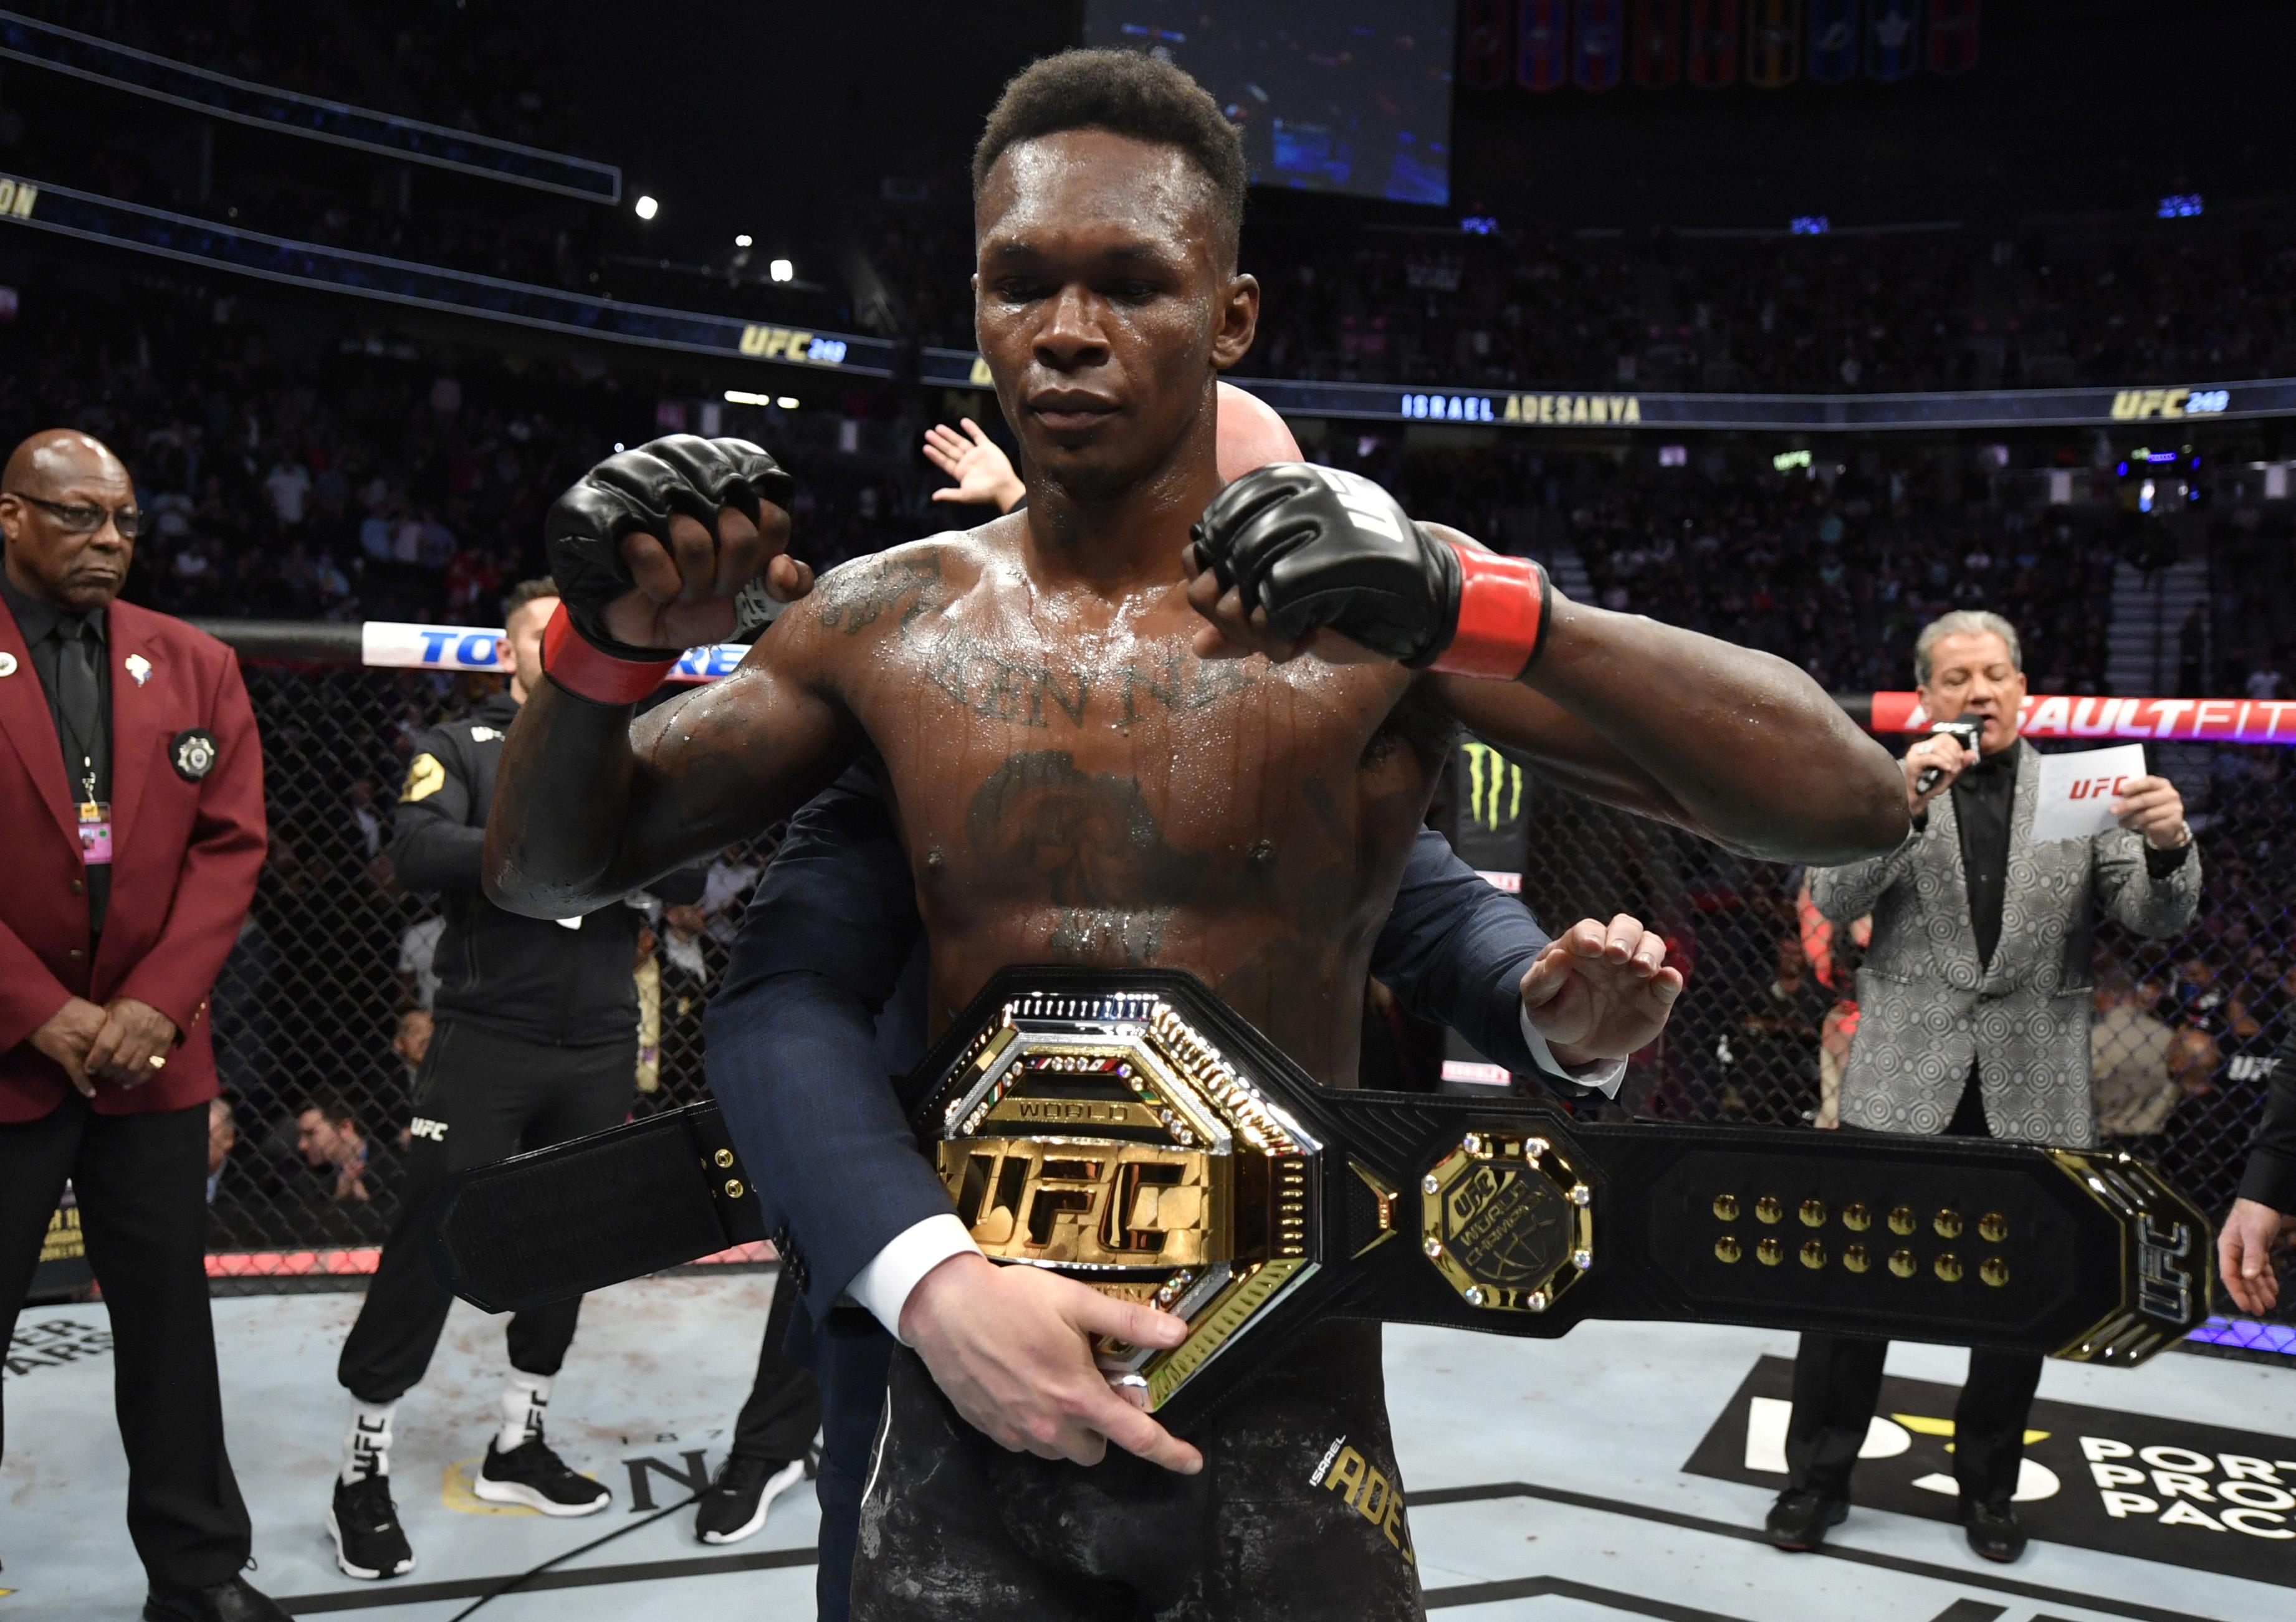 Israel Adesanya UFC 248